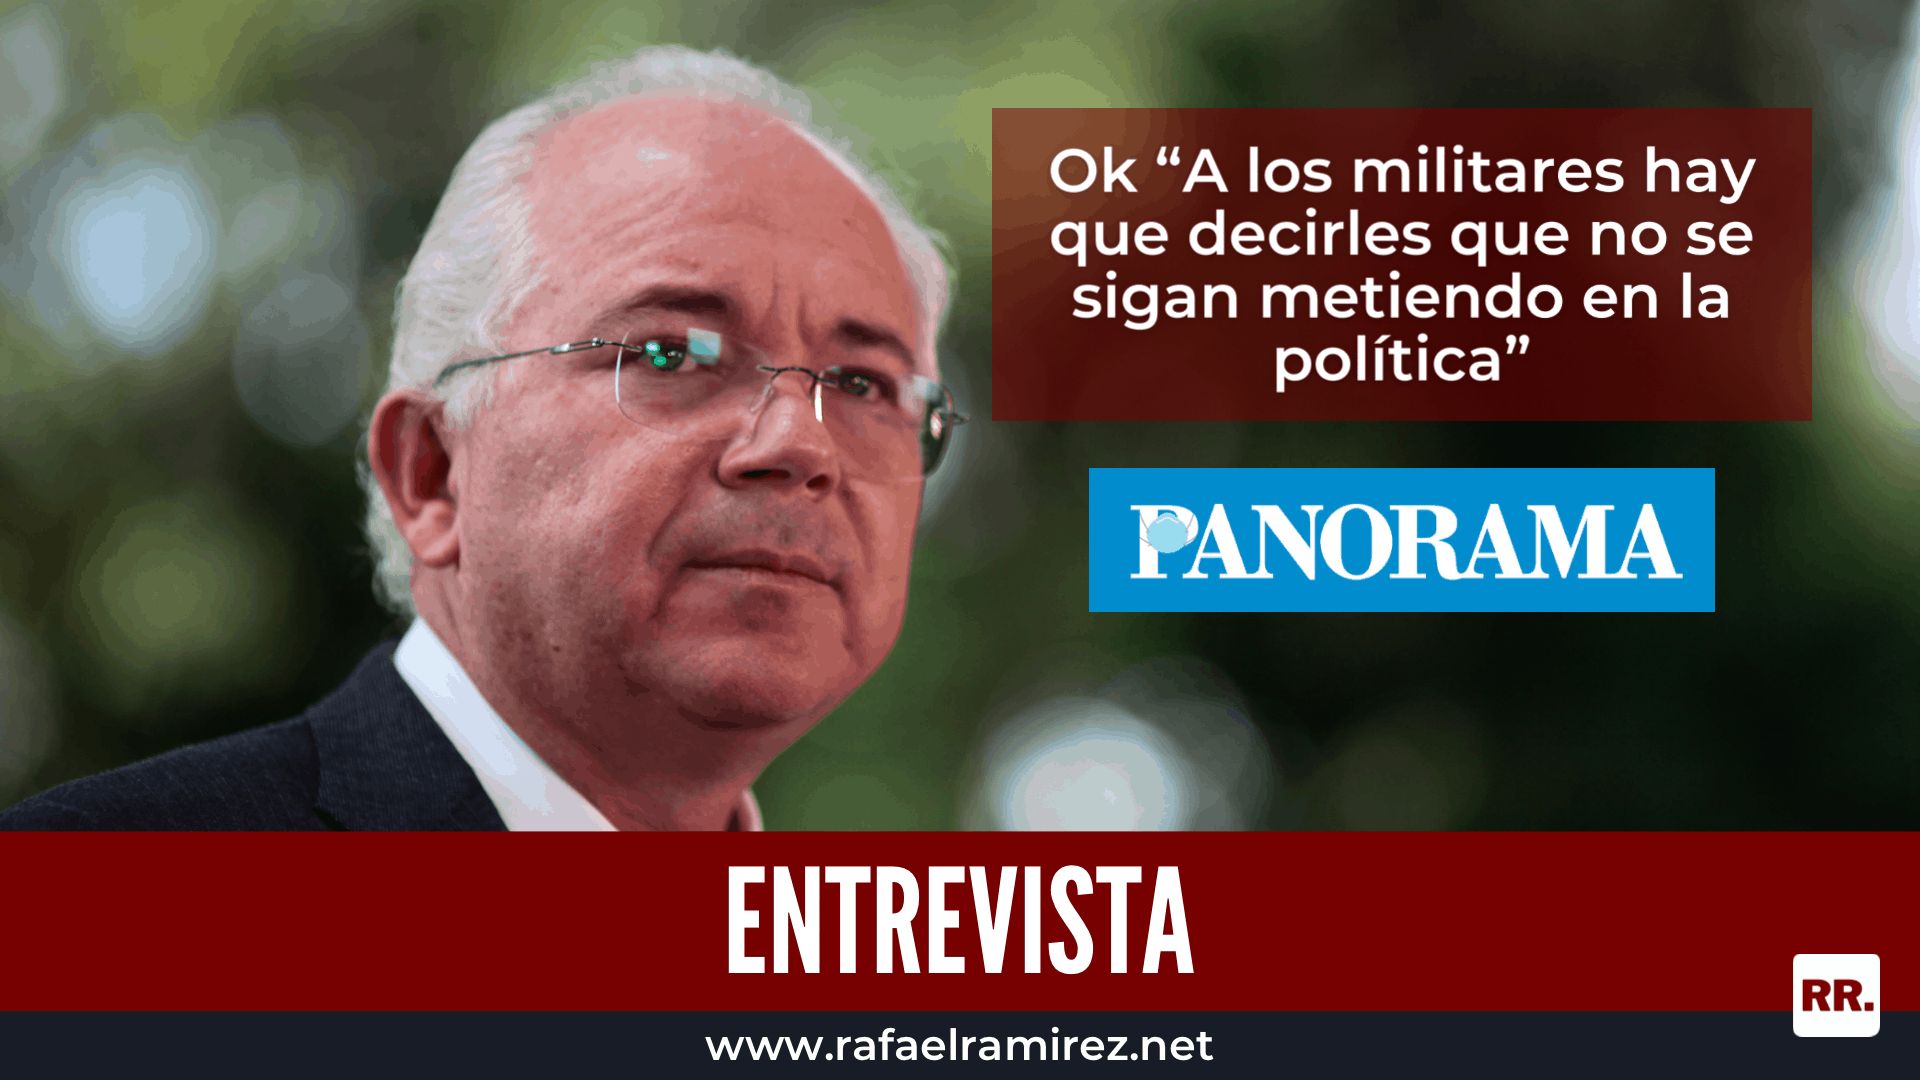 """Rafael Ramírez desde el exilio: """"El Gobierno no va a poder evitar que haya un reacomodo de las fuerzas políticas, ahora, tú me dices de manera concreta cuál creo yo que es la oportunidad, creo que tenemos que prepararnos para revocar a Maduro""""."""